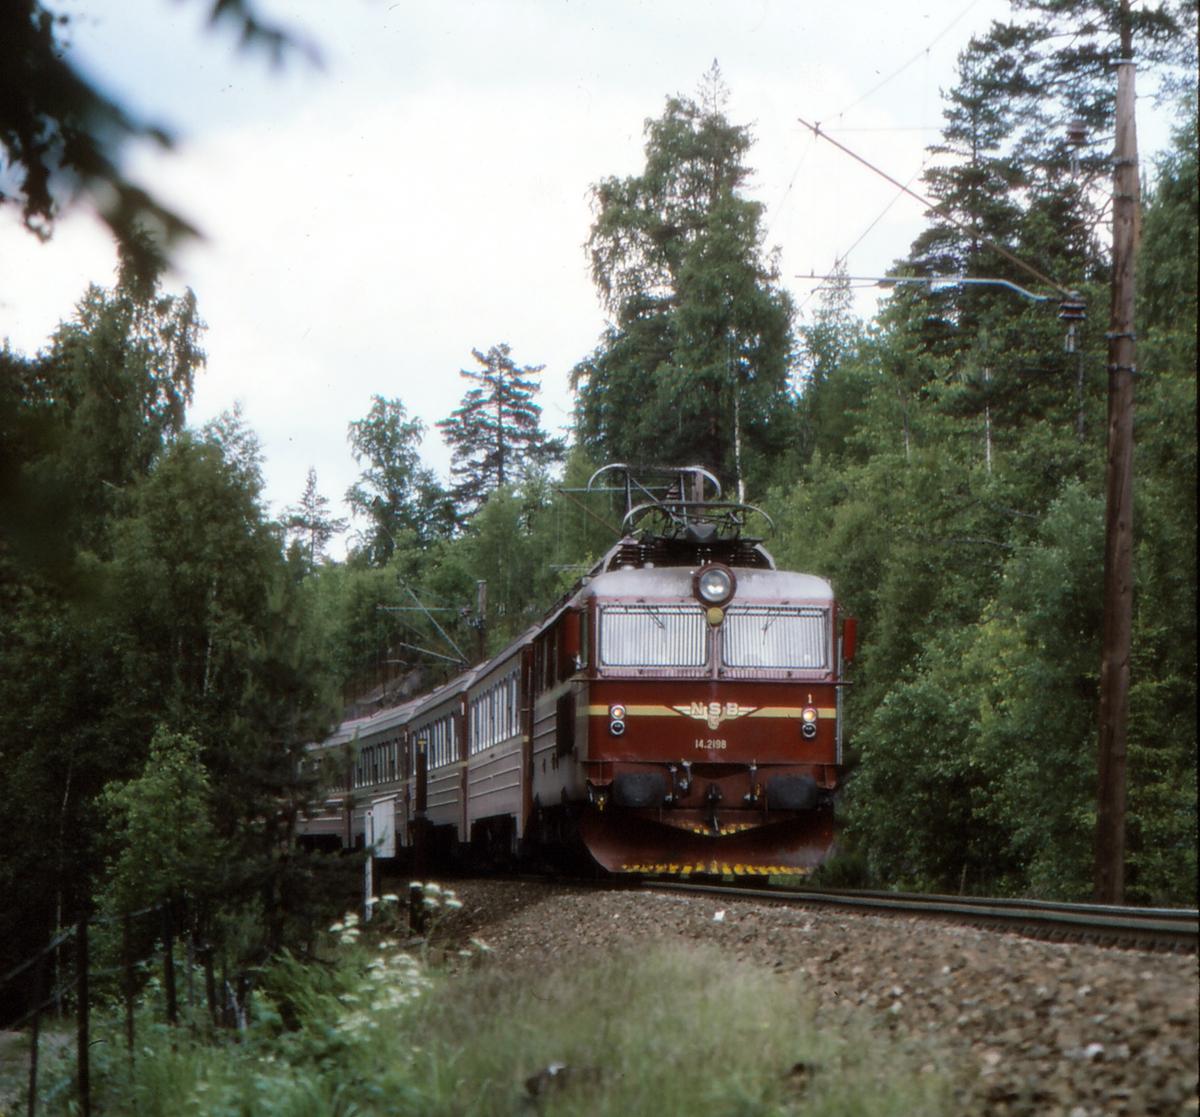 NSB ekspresstog 62 Bergen - Oslo med elektrisk lokomotiv El 14 2198 ved Snippen.